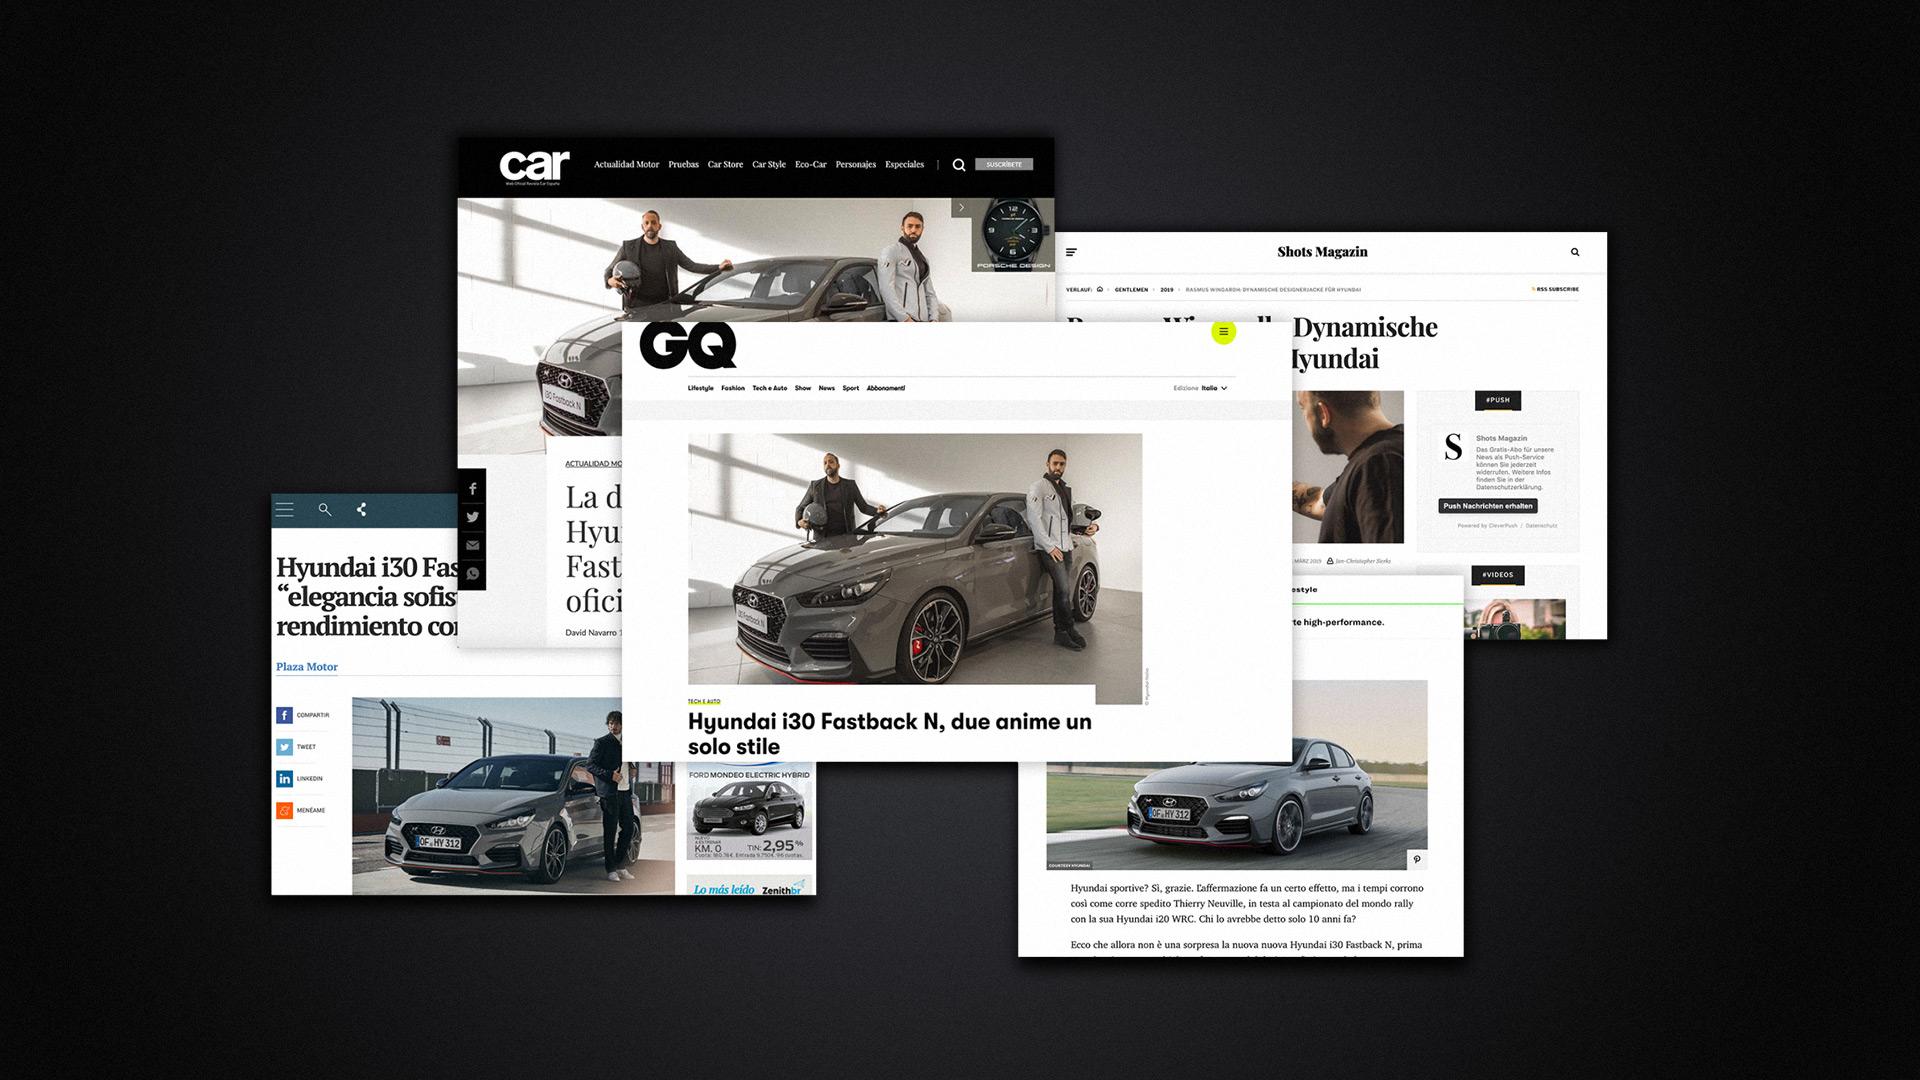 Hyundai i30 N Fastback Presse Mitteilungen